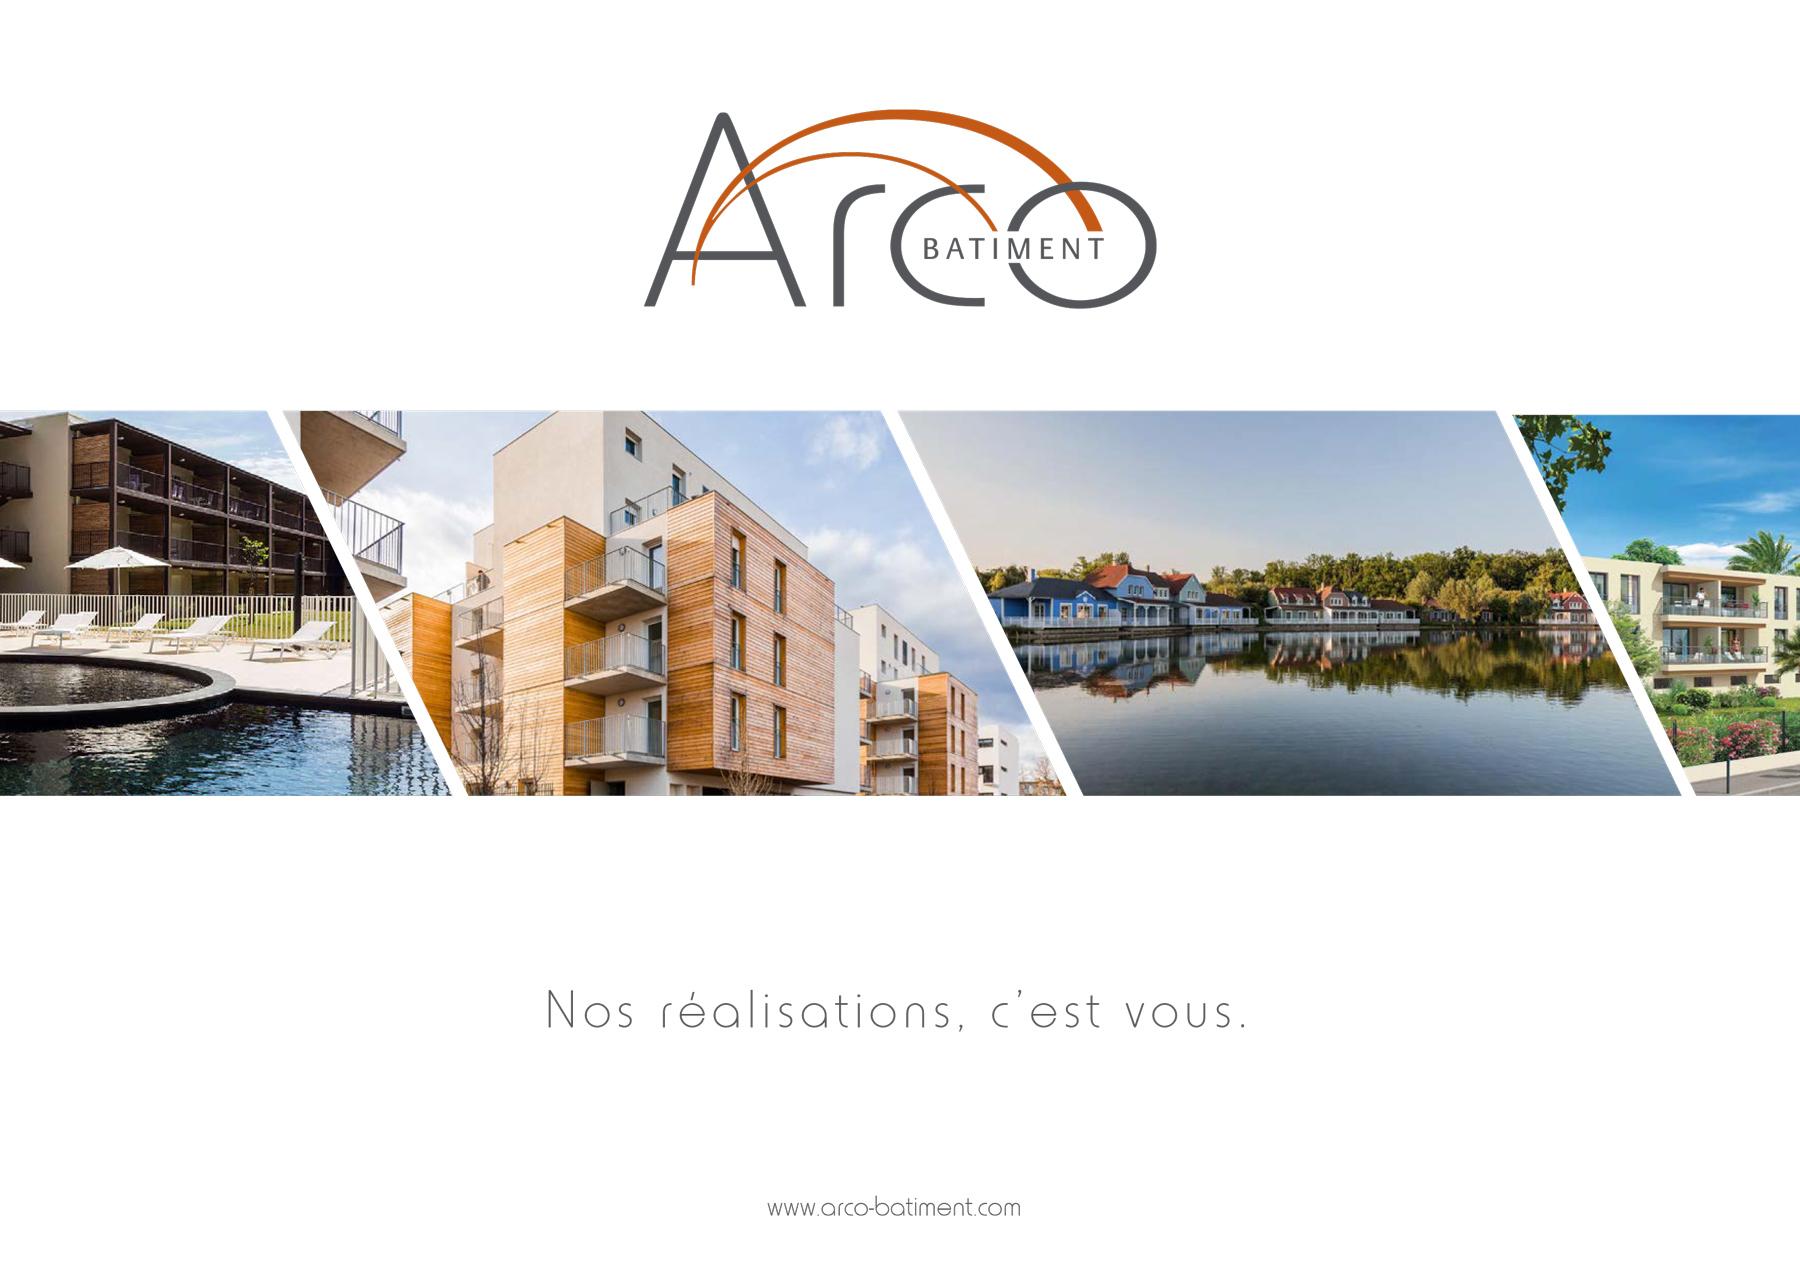 Nos-réalisations-Arco-bâtiment-1.jpg